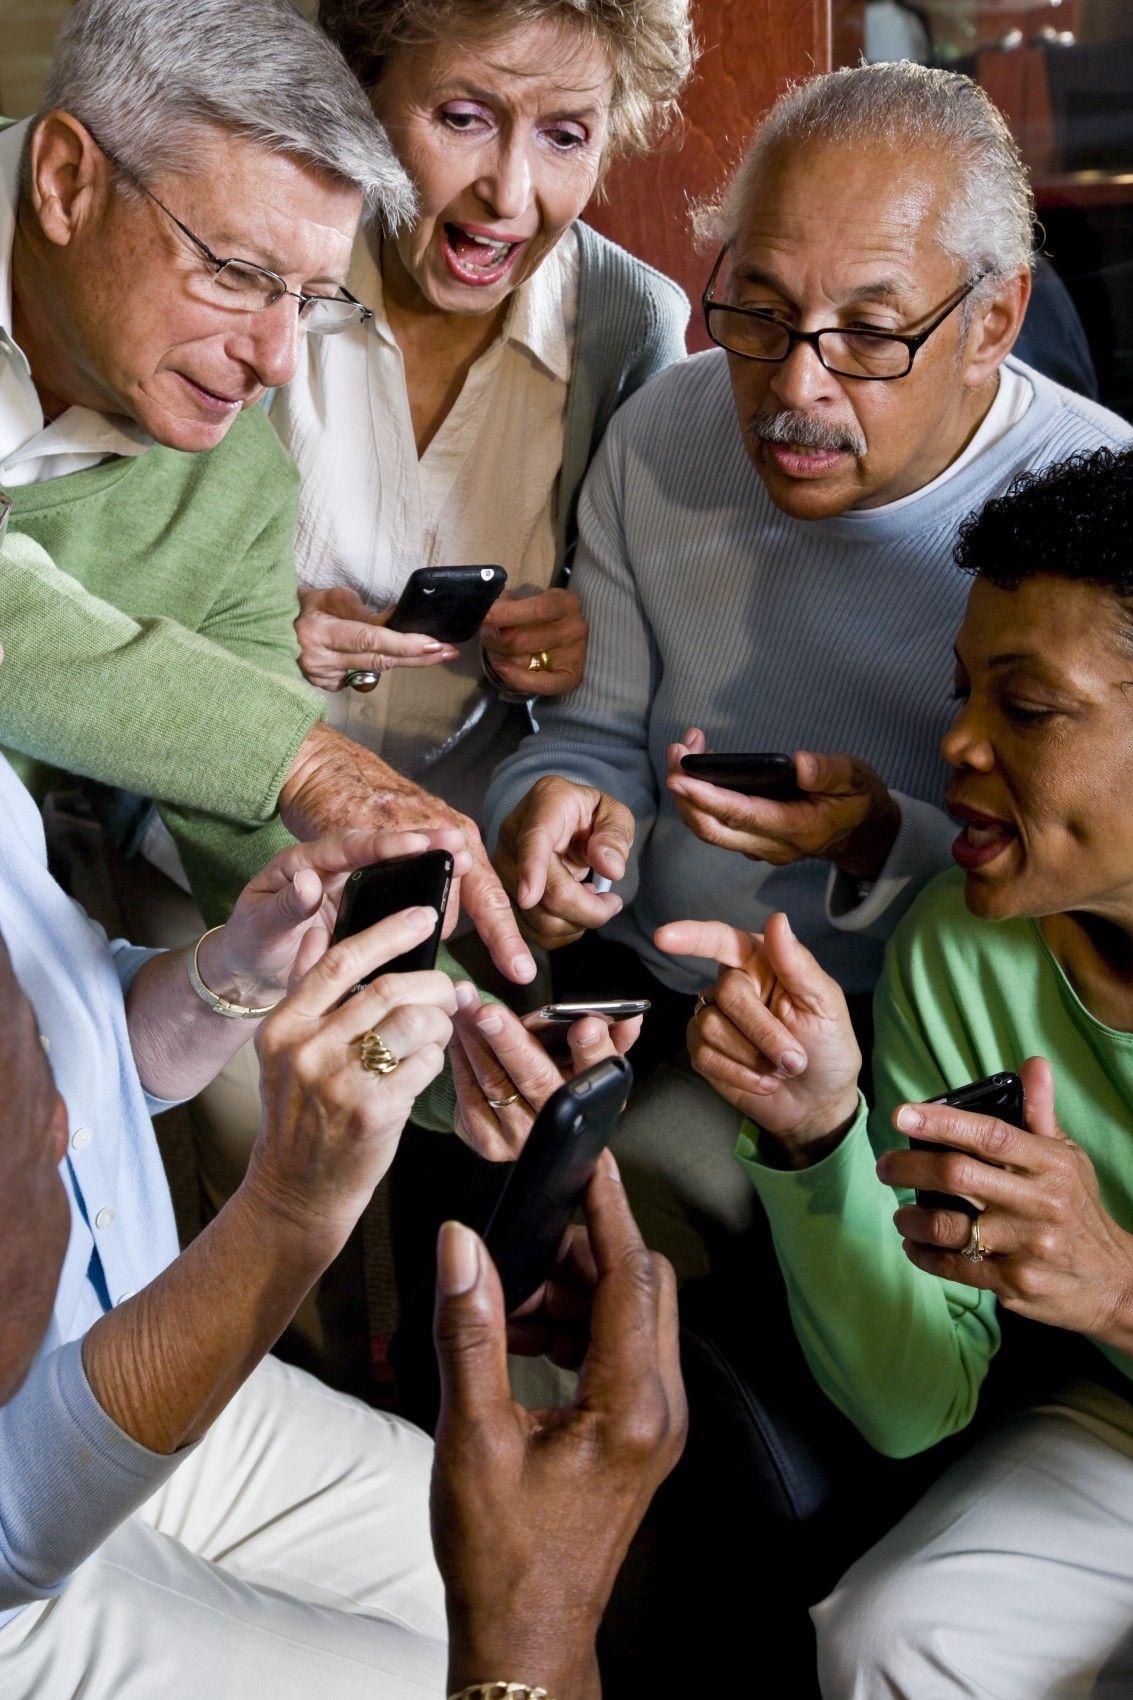 NICHT MEHR VERWENDEN! - Handy / Smartphone / Tratsch